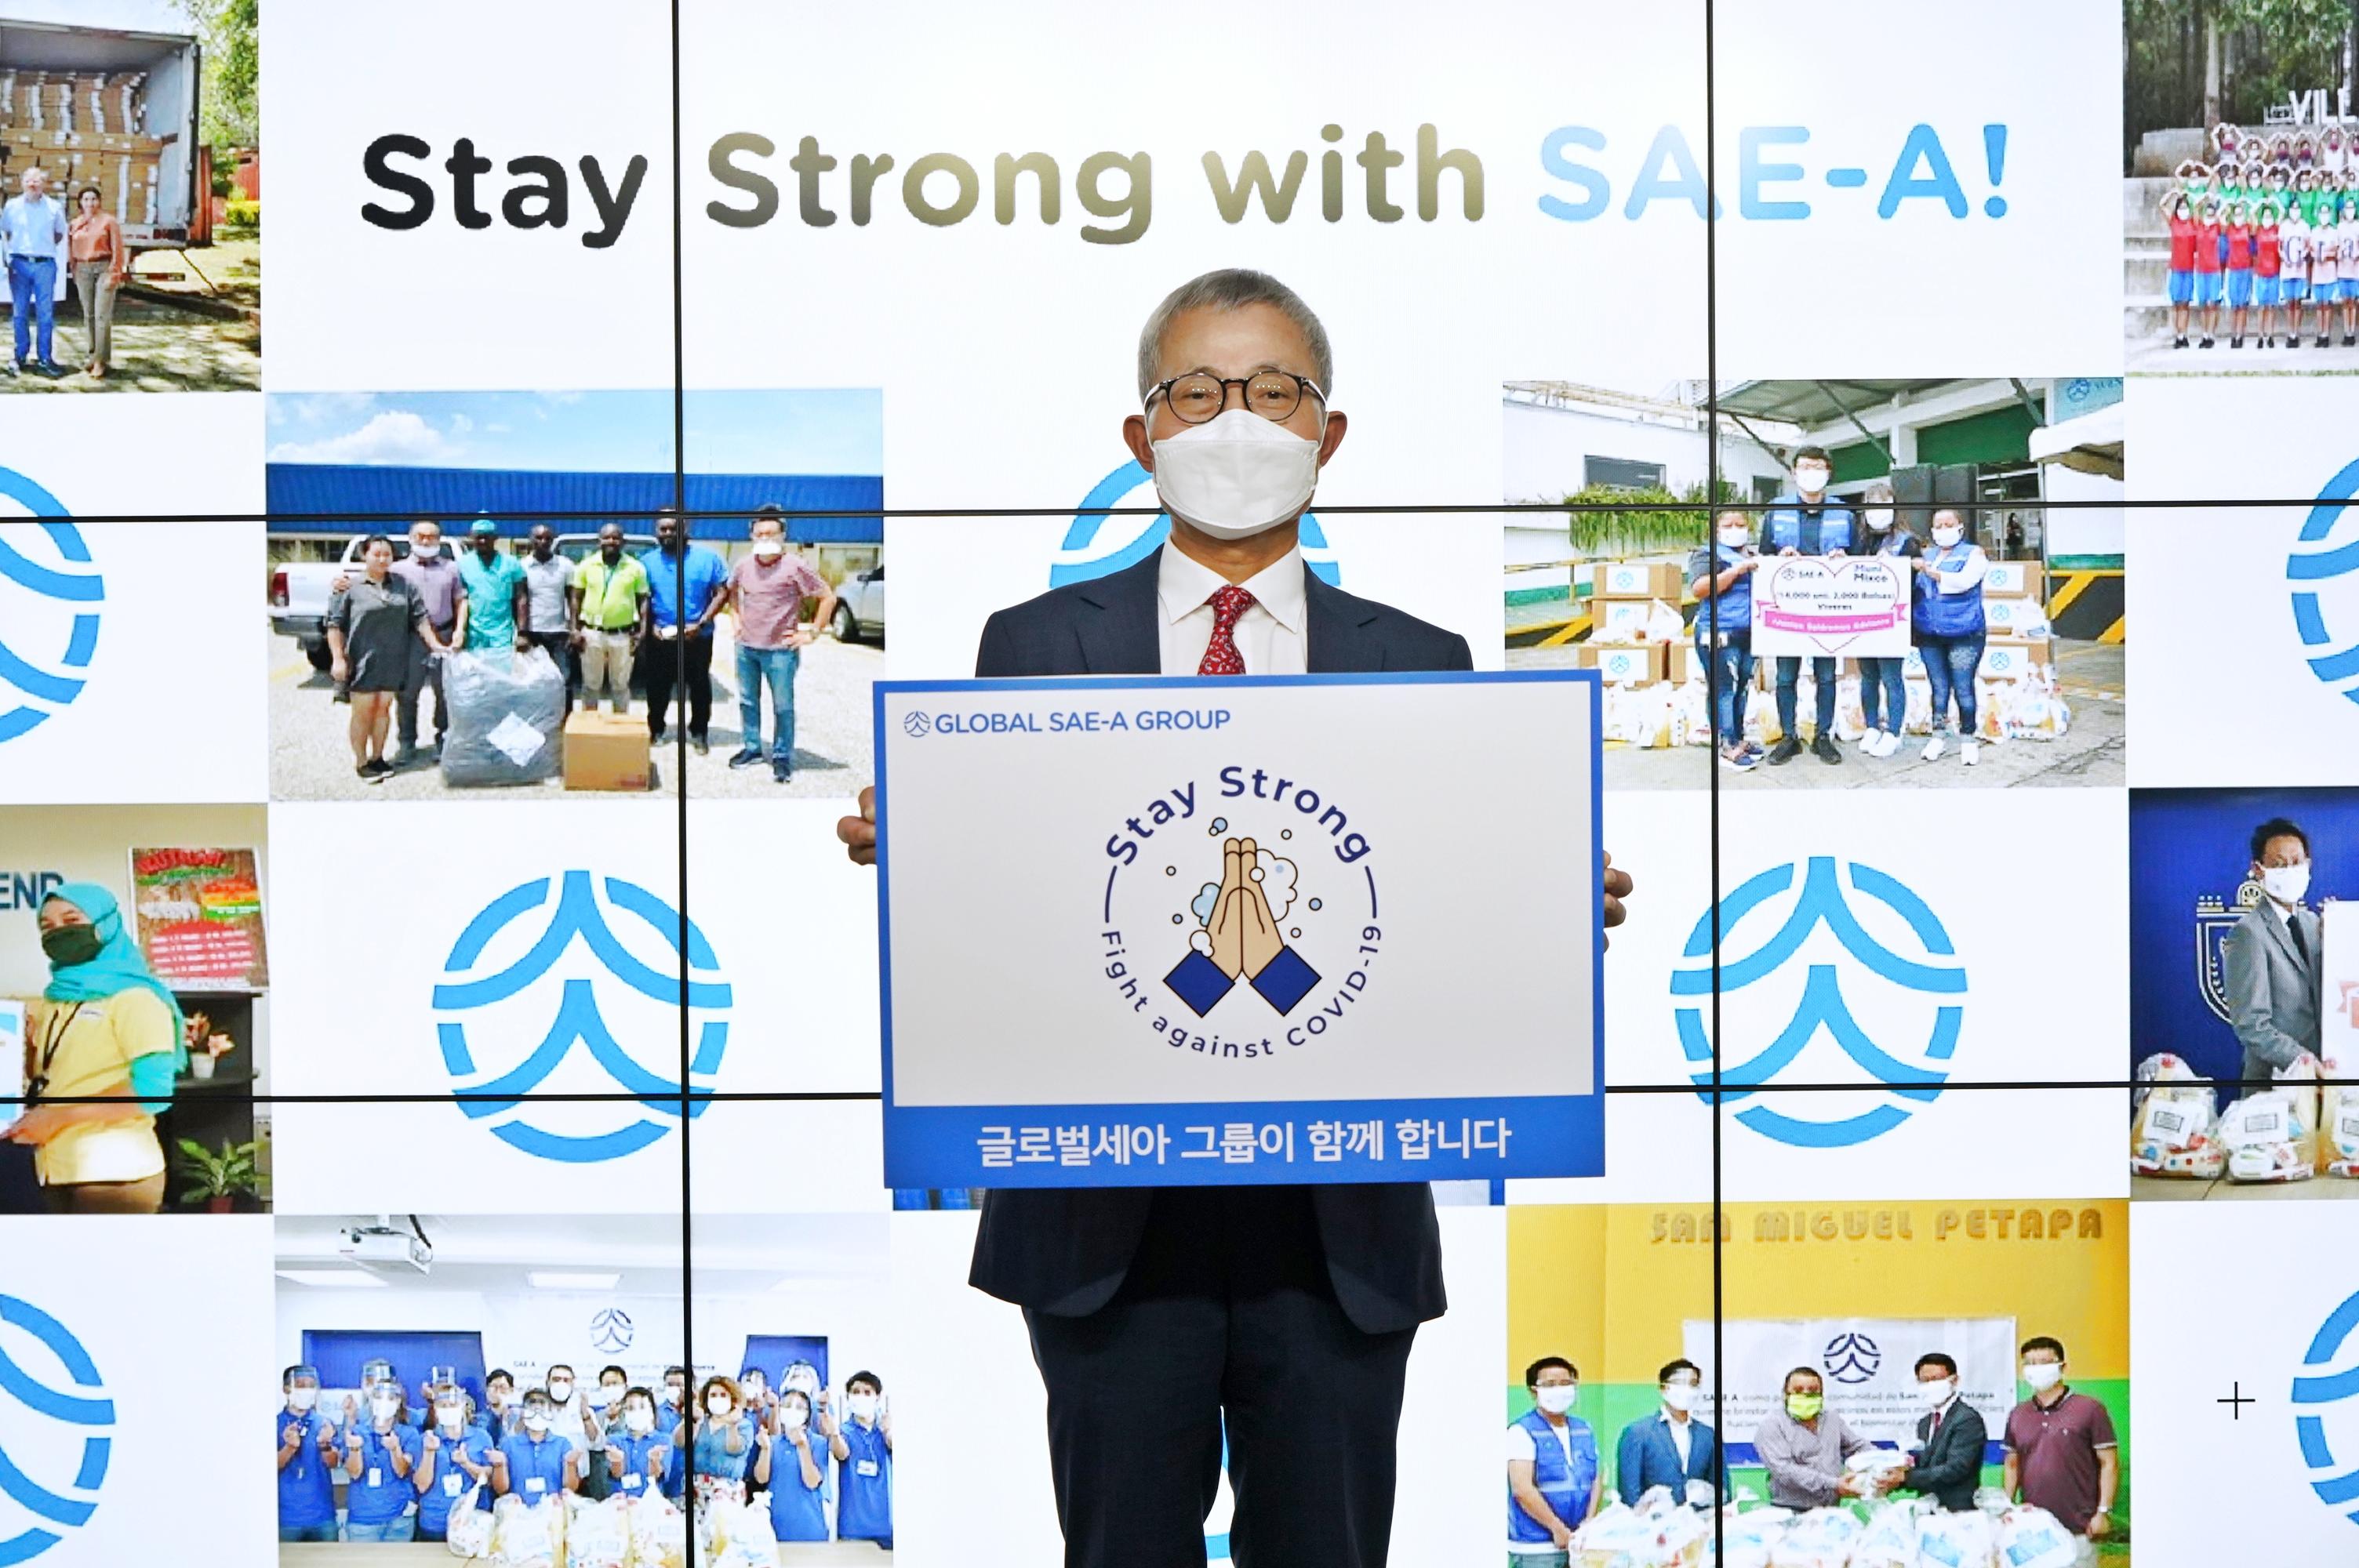 글로벌세아그룹, '스테이 스트롱 캠페인' 동참